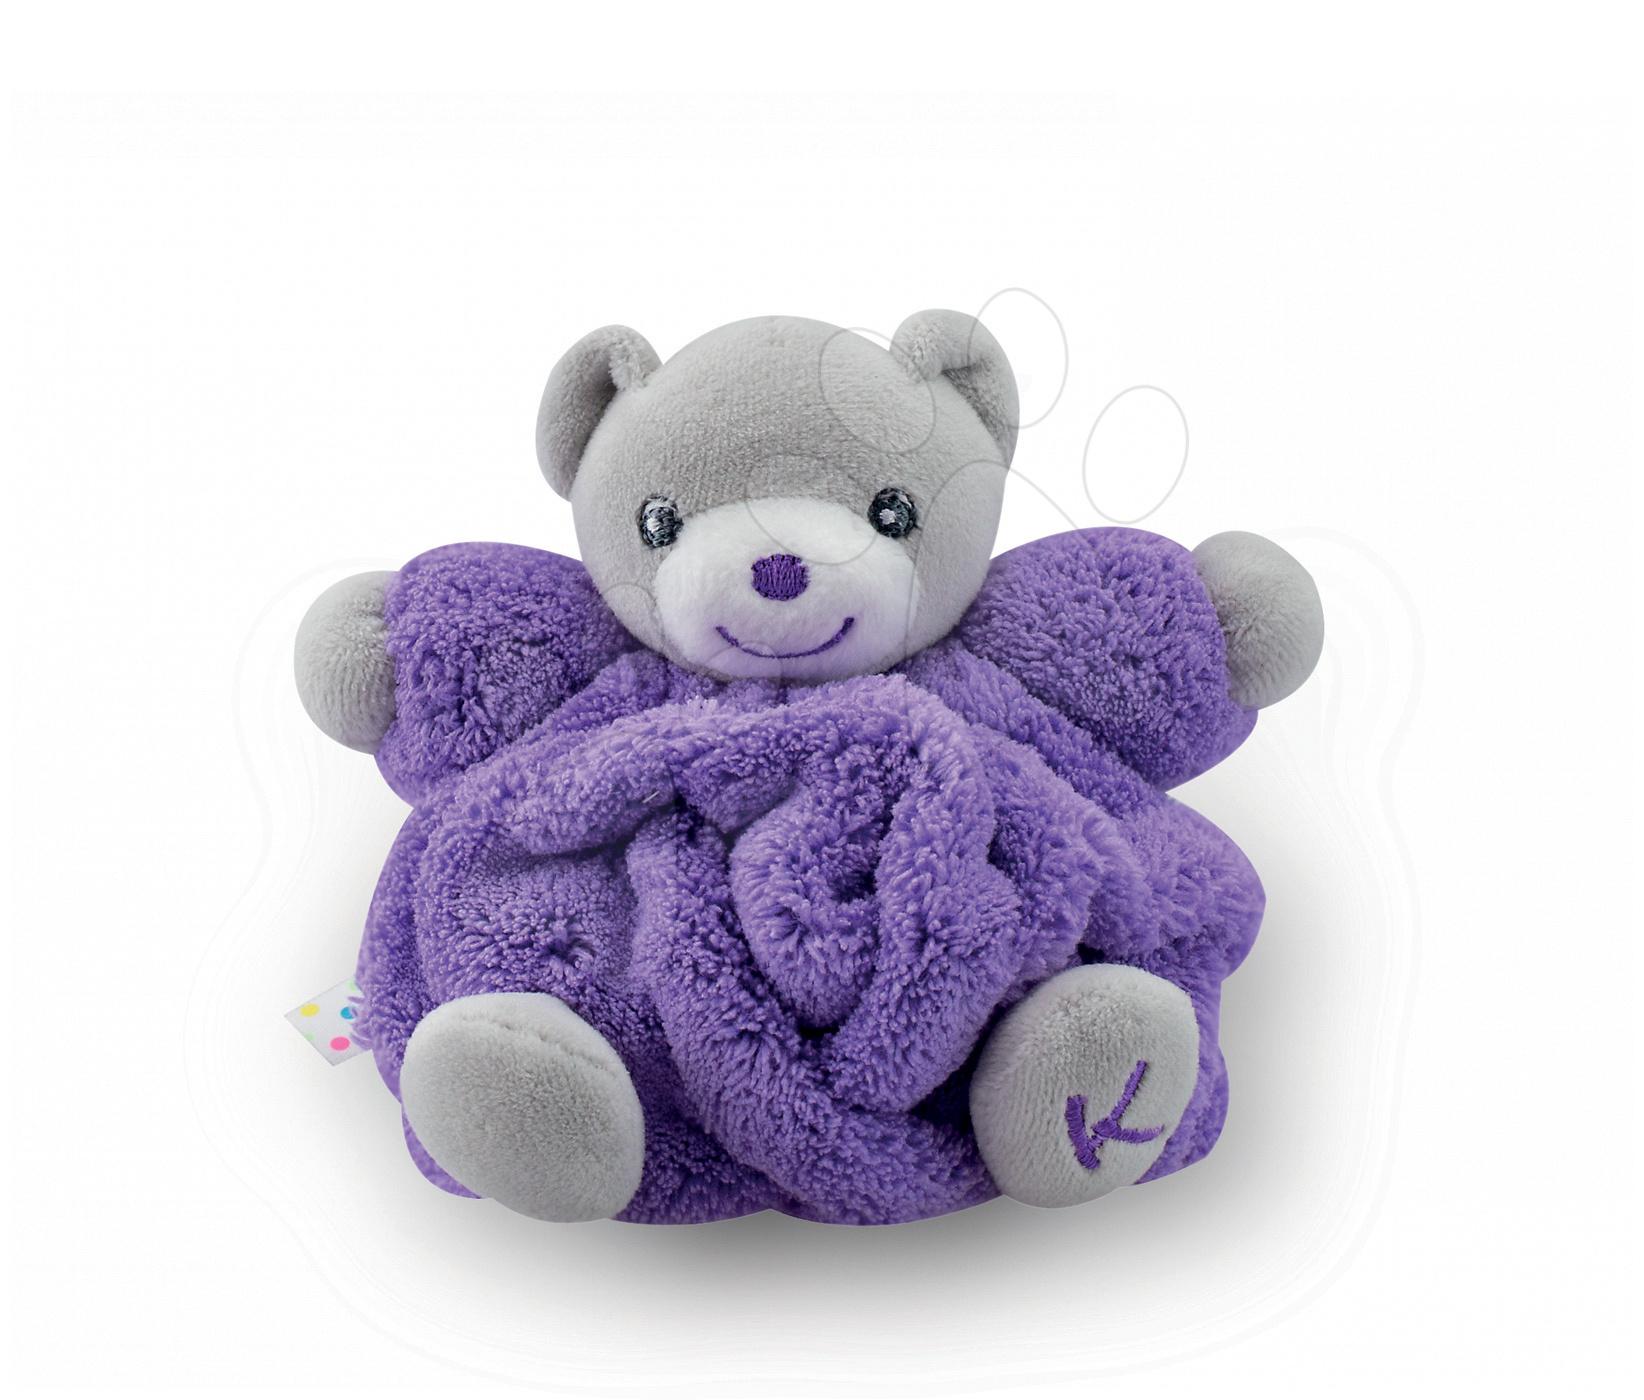 Plyšové medvede - Plyšový medvedík Plume-Mini Neon Kaloo 12 cm pre najmenších fialový